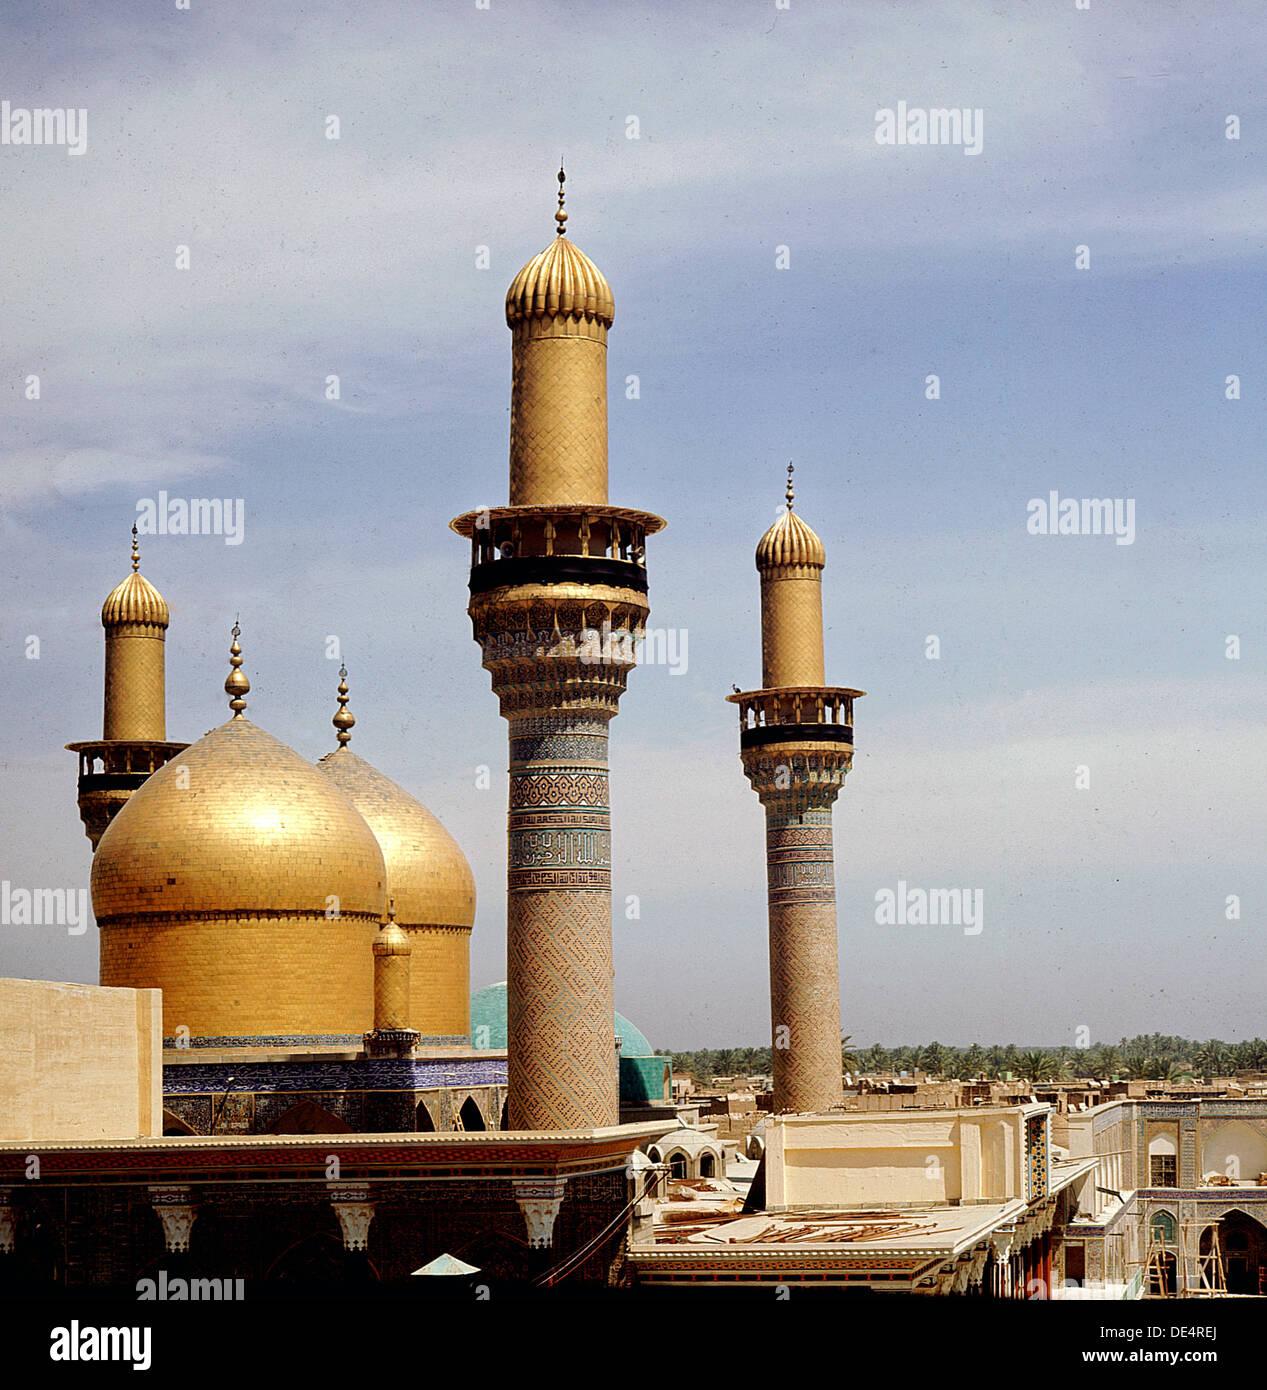 datant de Bagdad qui est Nandi emoloyed actuellement datant